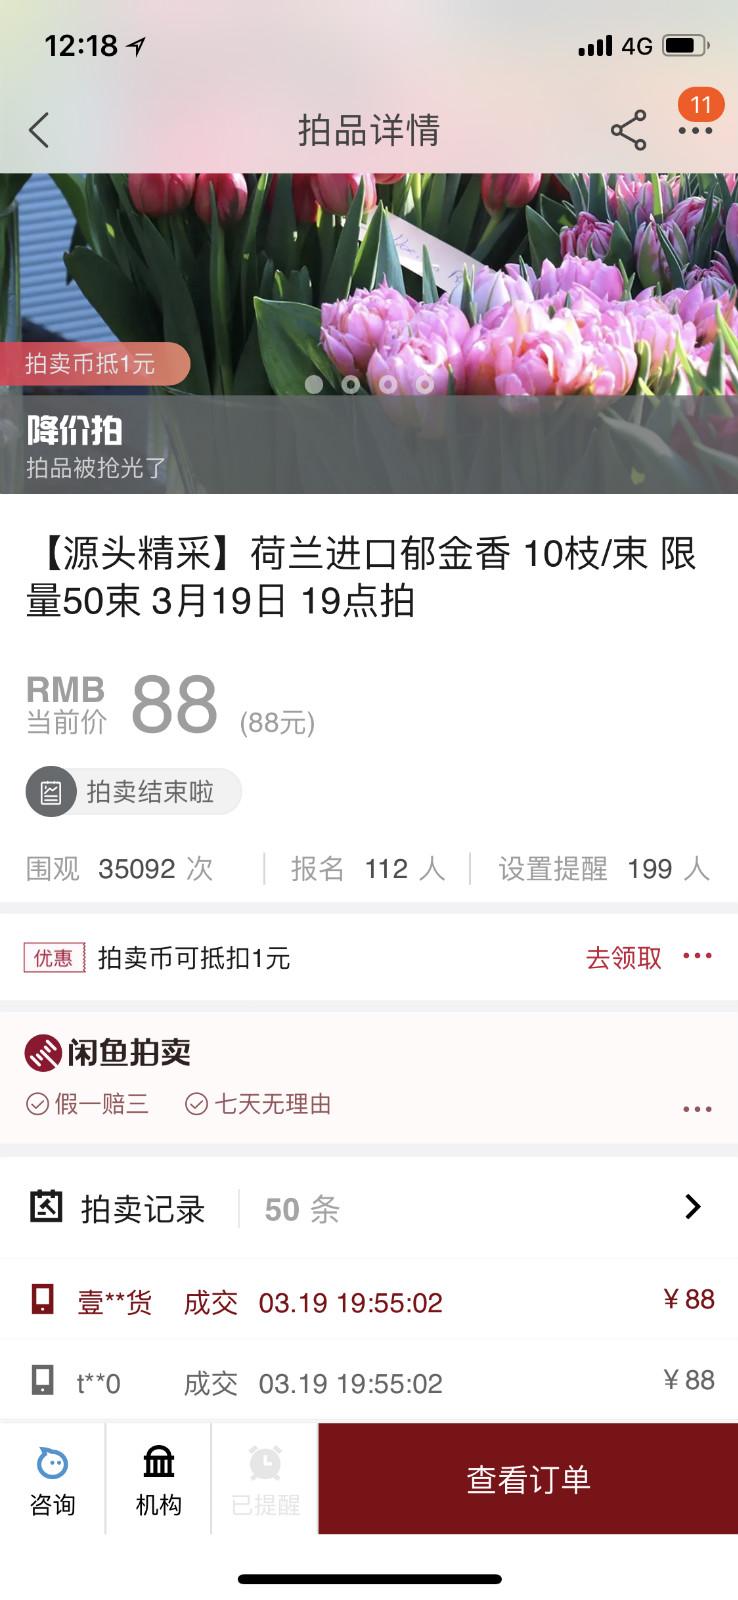 超过三万多人围观_meitu_2